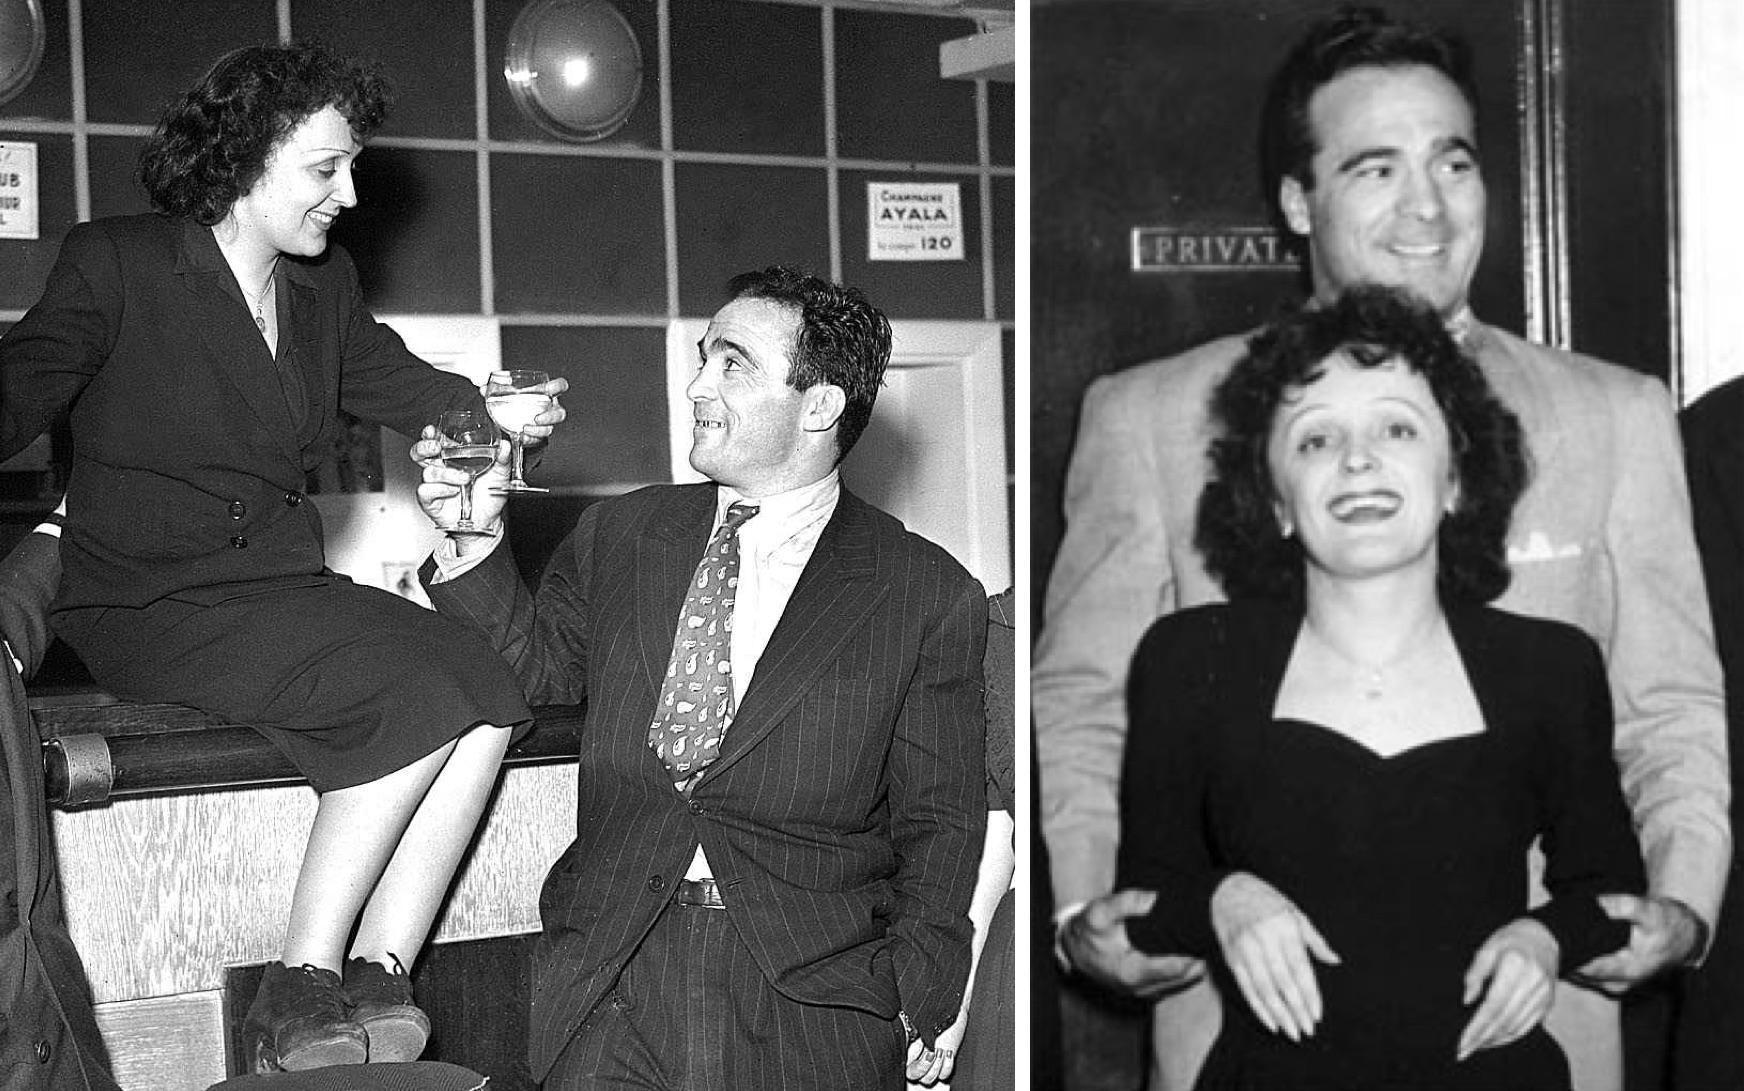 Edith Piaf y Marcel Cerdan (Izq.: theredlist.com / Der.: grandes-amores.blogspot.com).